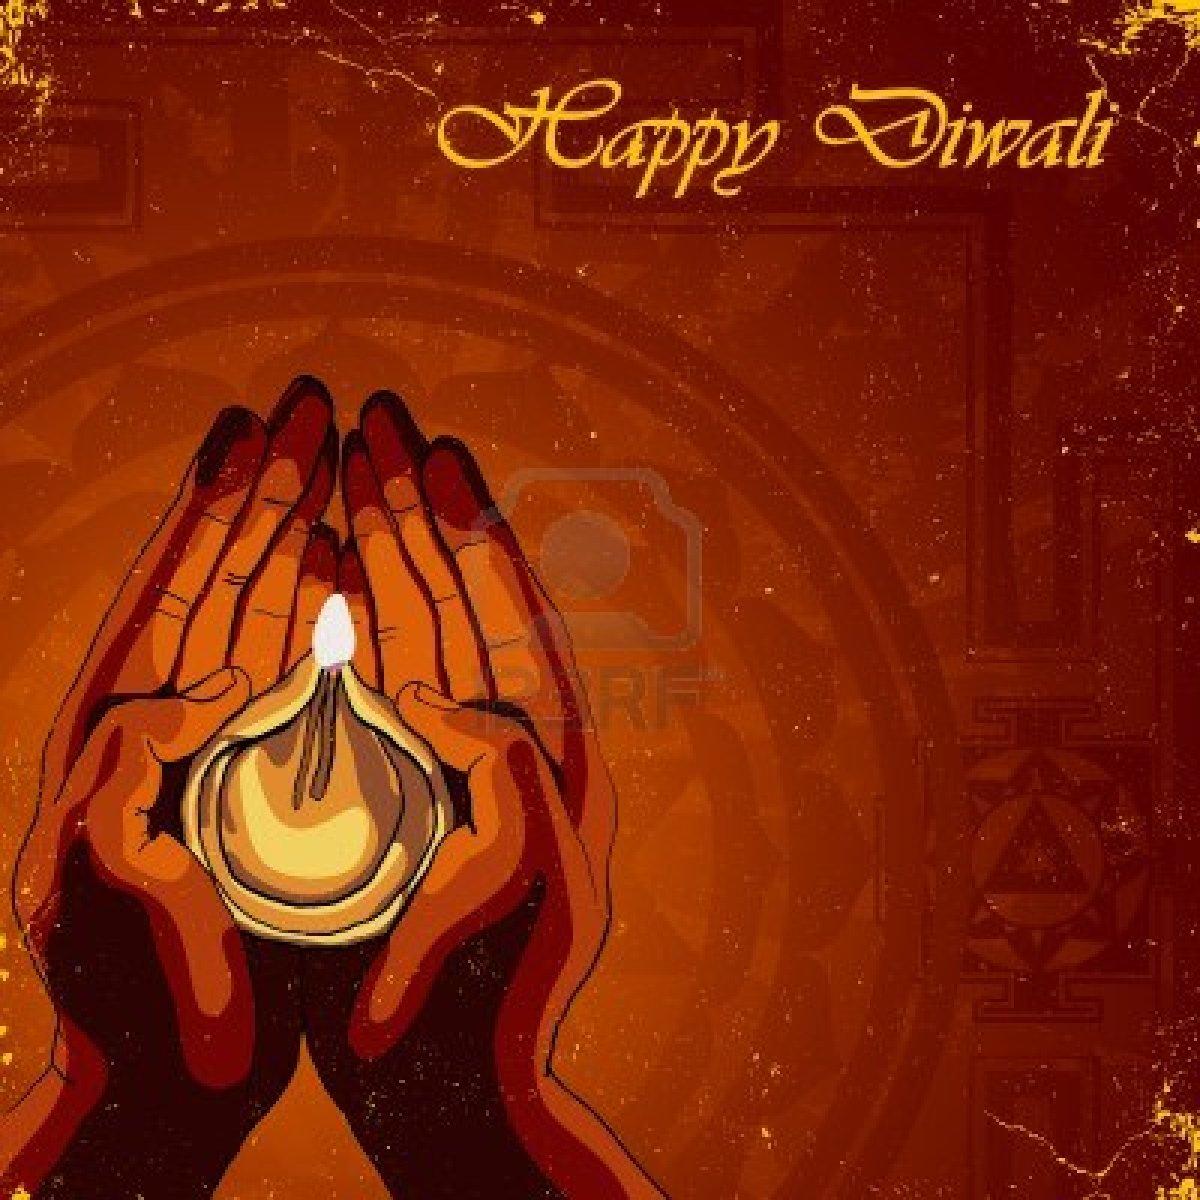 http://2.bp.blogspot.com/-kBFz4KTgV1Y/UJ0gfuWTtkI/AAAAAAAAHzI/elEZueQnv1w/s1600/Happy+Diwali+Greetings+(13).jpg